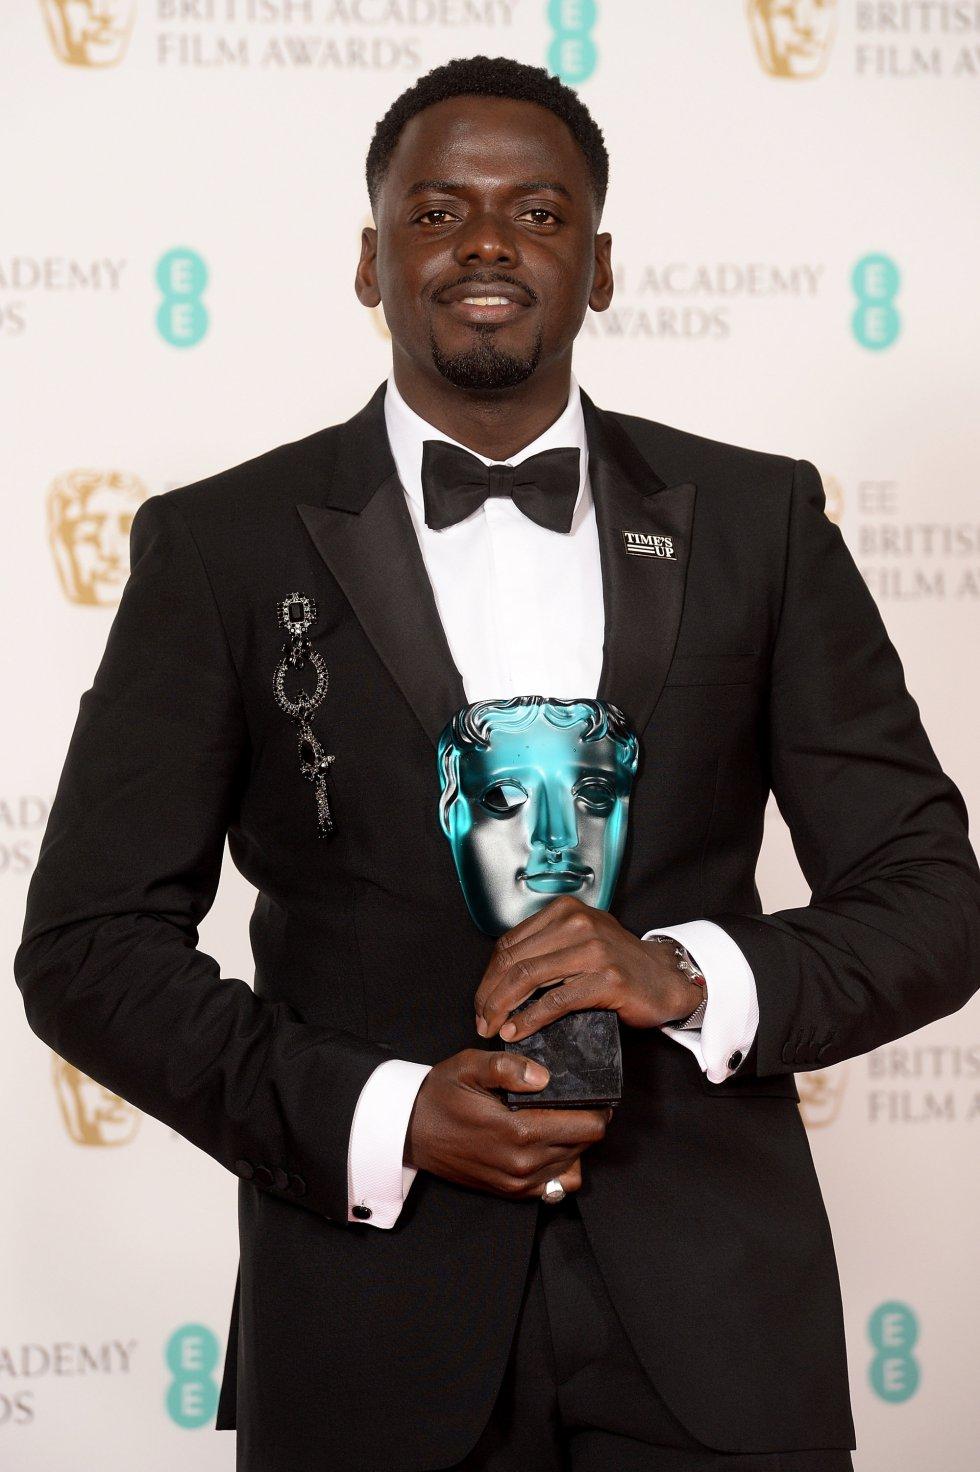 El ganador del premio a Estrella Emergente, Daniel Kaluuya